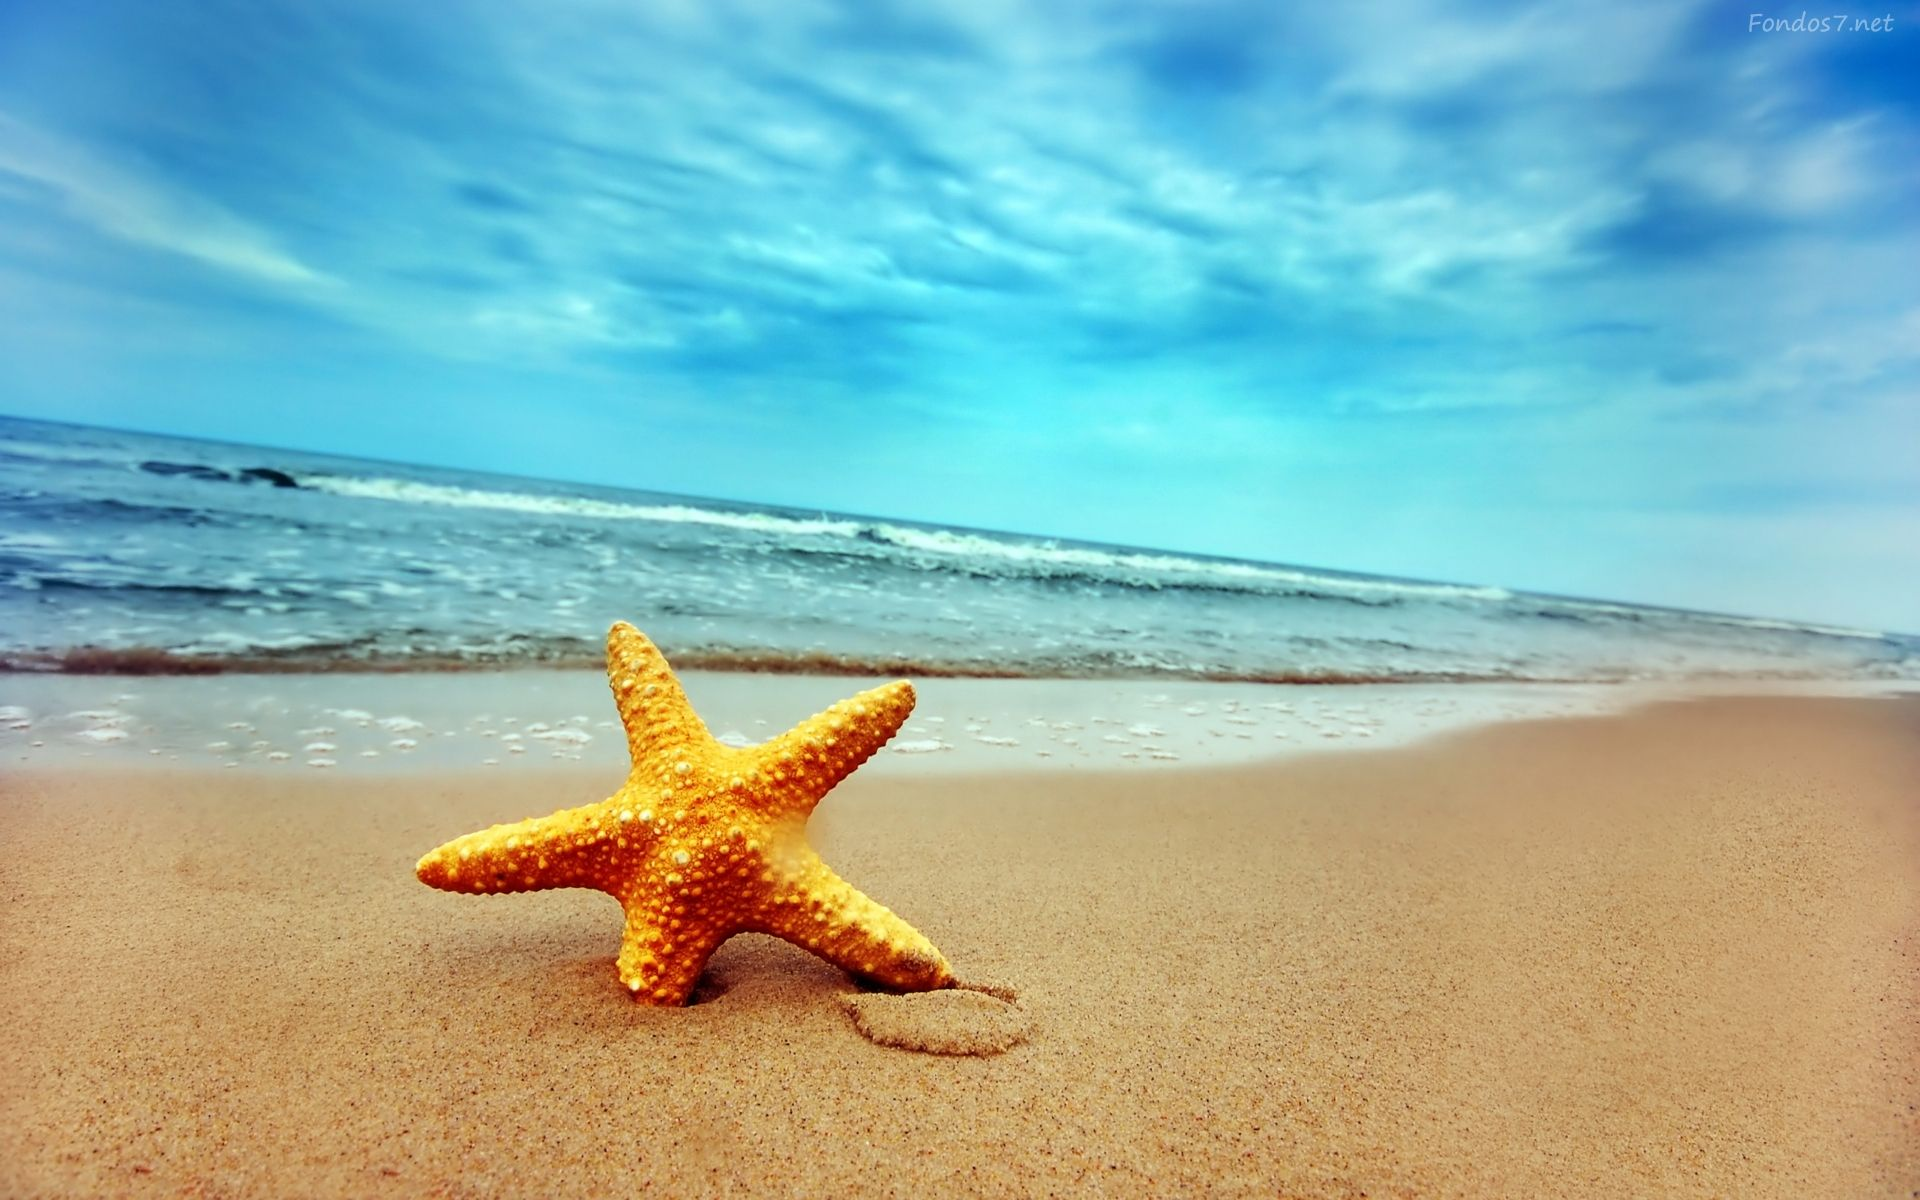 Beach Wallpaper Desktop For Hd Wallpapers Amagico 2560x1600px 3d Beach Desktop Wallpaper 433425 Beach Wallpaper Beautiful Beaches Beach